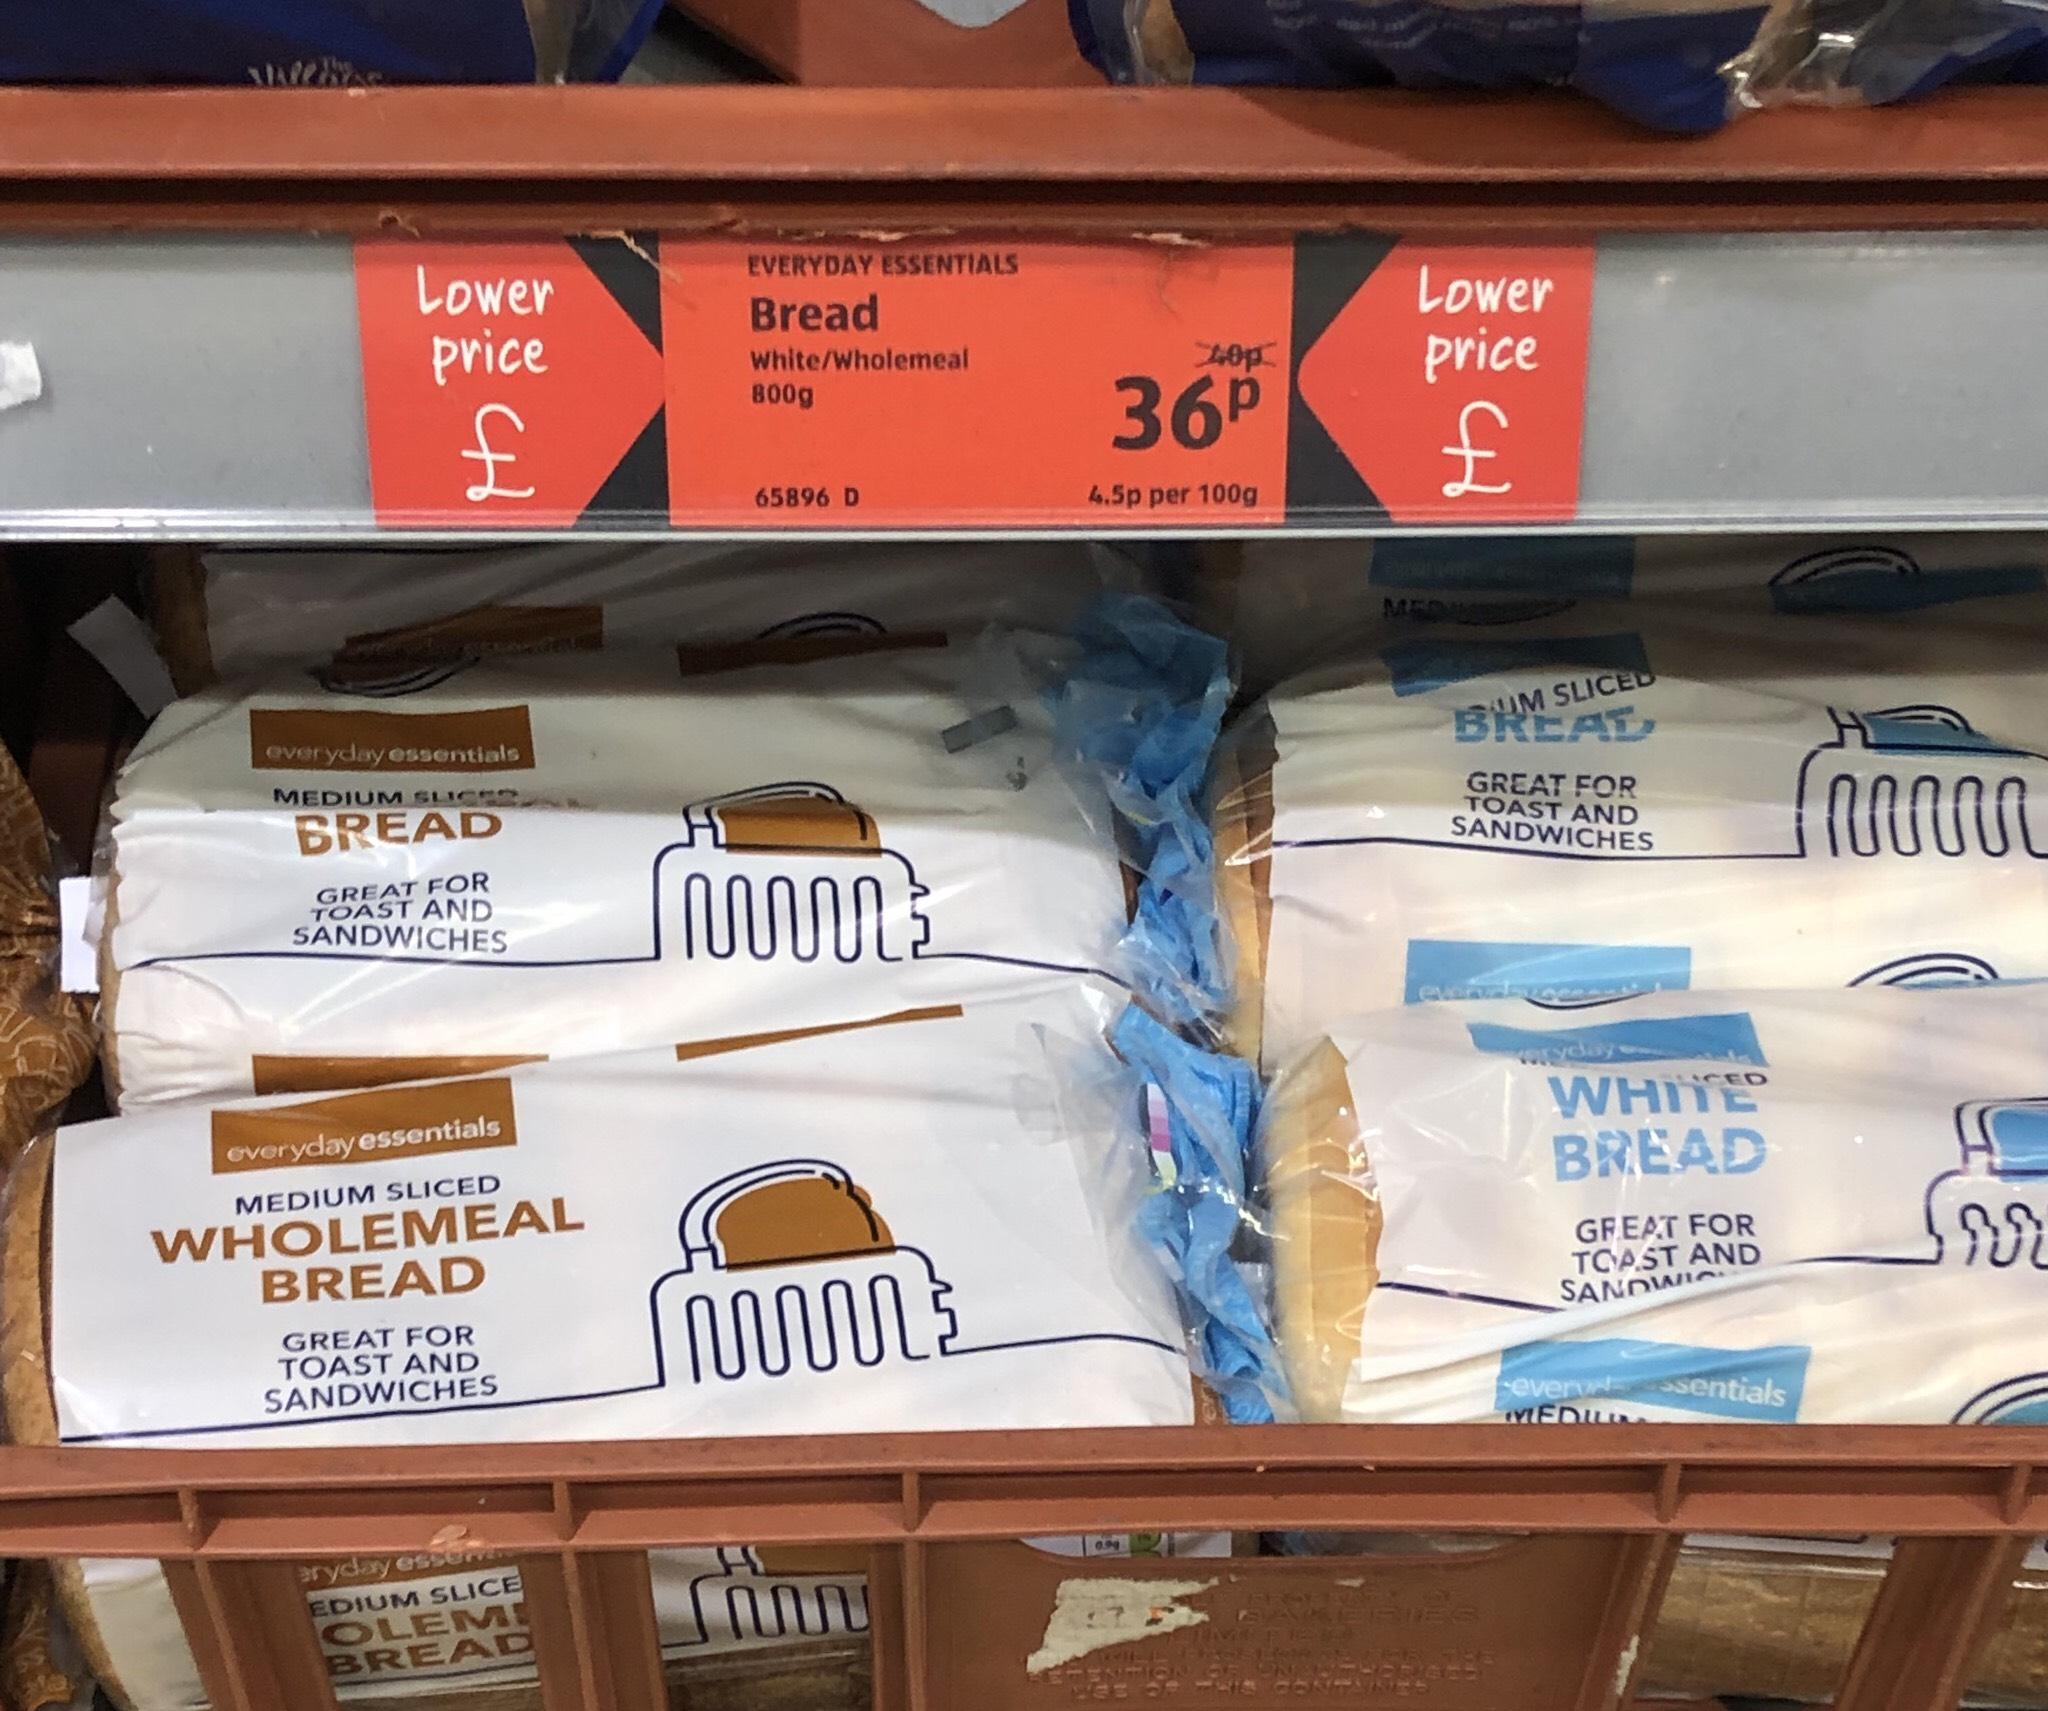 Aldi Everyday Essentials Bread - 36p